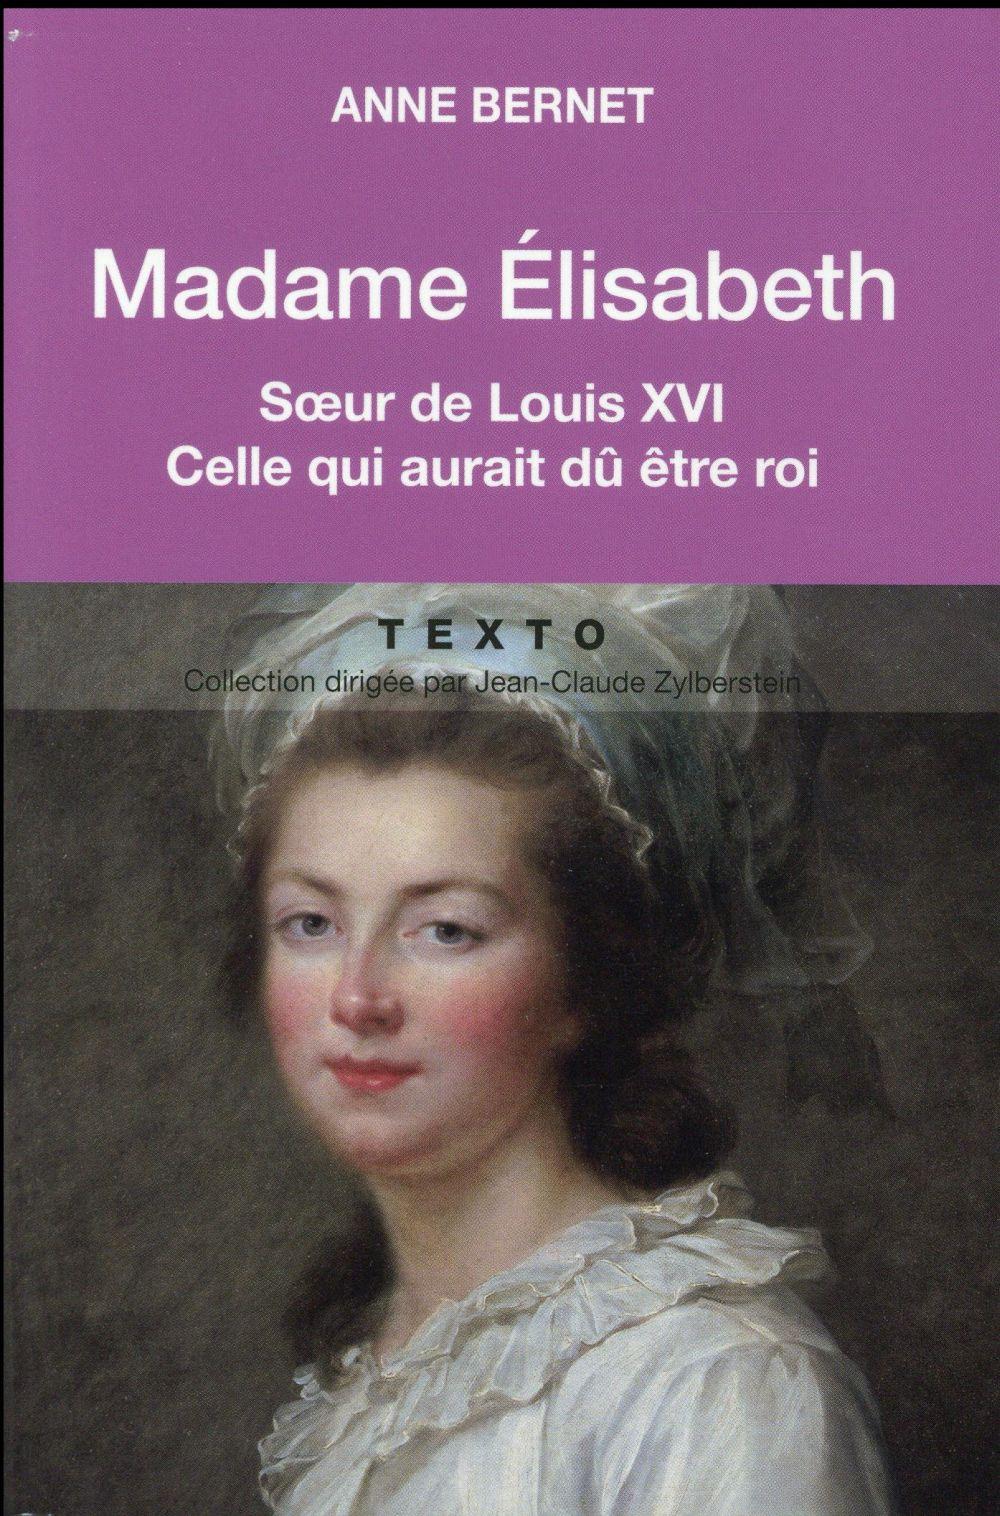 MADAME ELISABETH SOEUR DE LOUIS XVI CELLE QUI AURAIT DU ETRE ROI Bernet Anne Tallandier